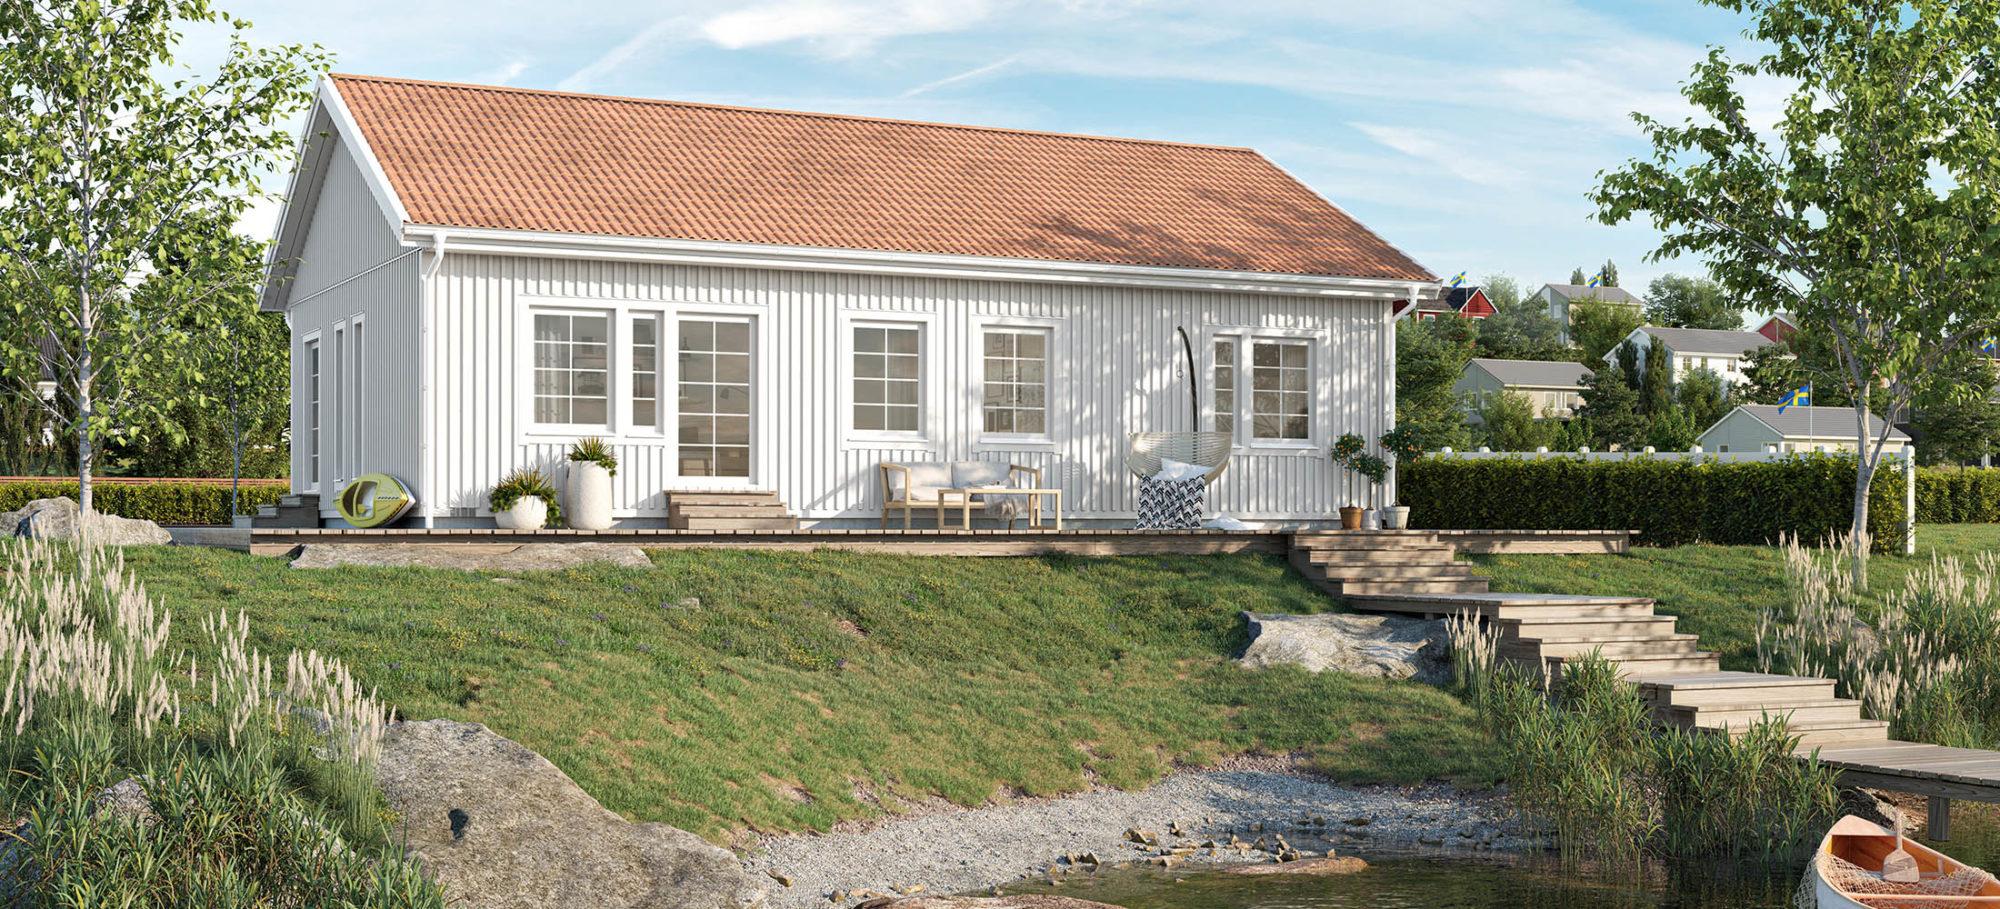 Enplanshus beläget vid vatten. Vit fasad och rött tak.